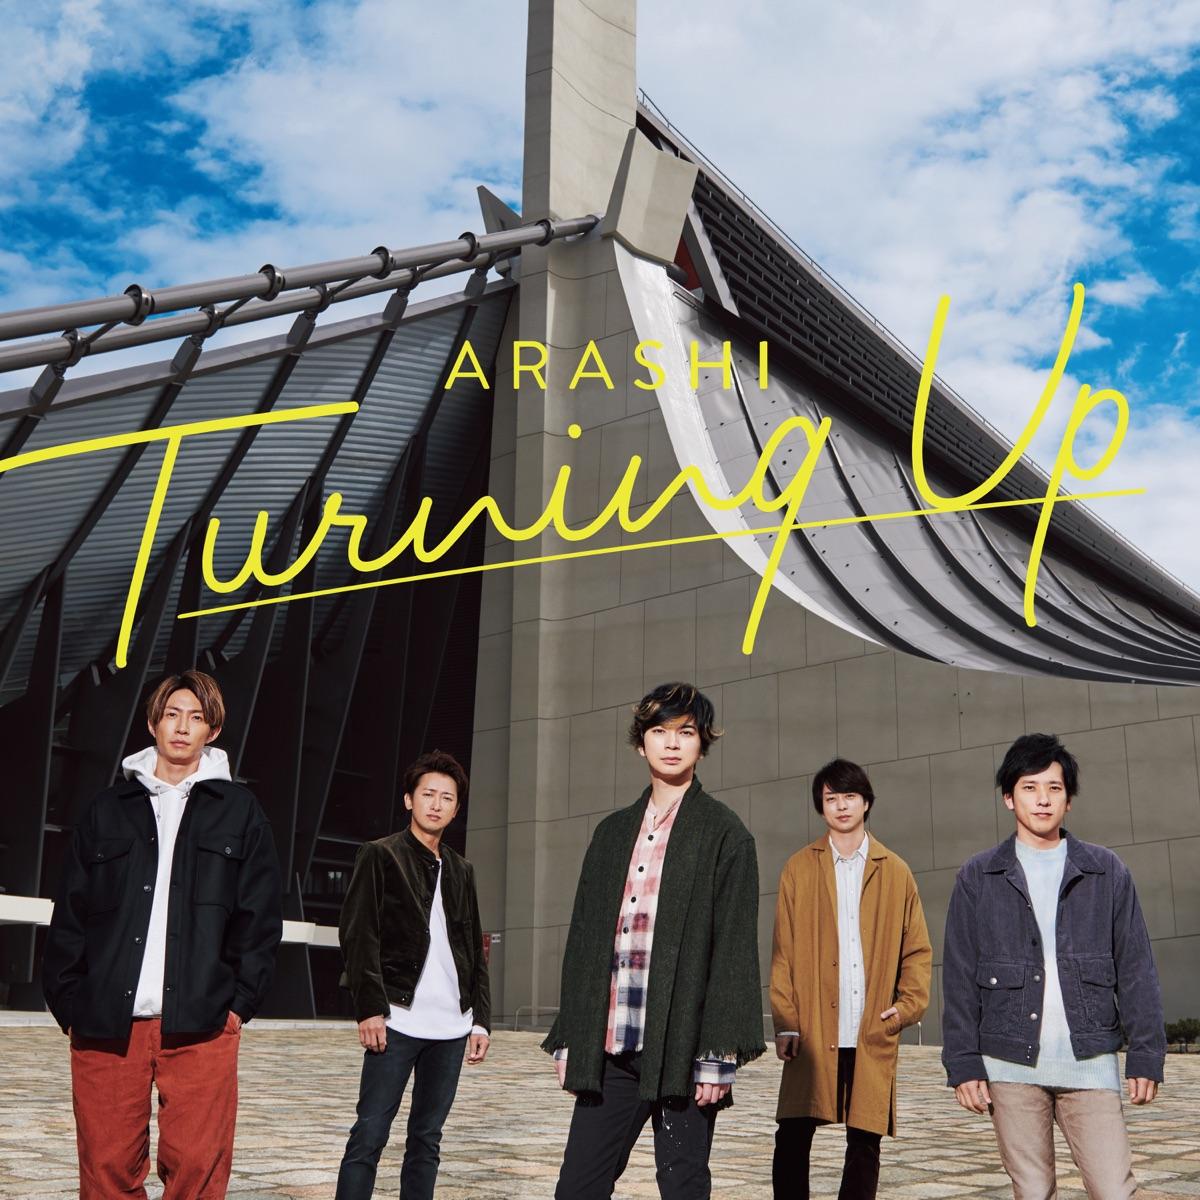 『嵐 - Turning Up 歌詞』収録の『Turning Up』ジャケット